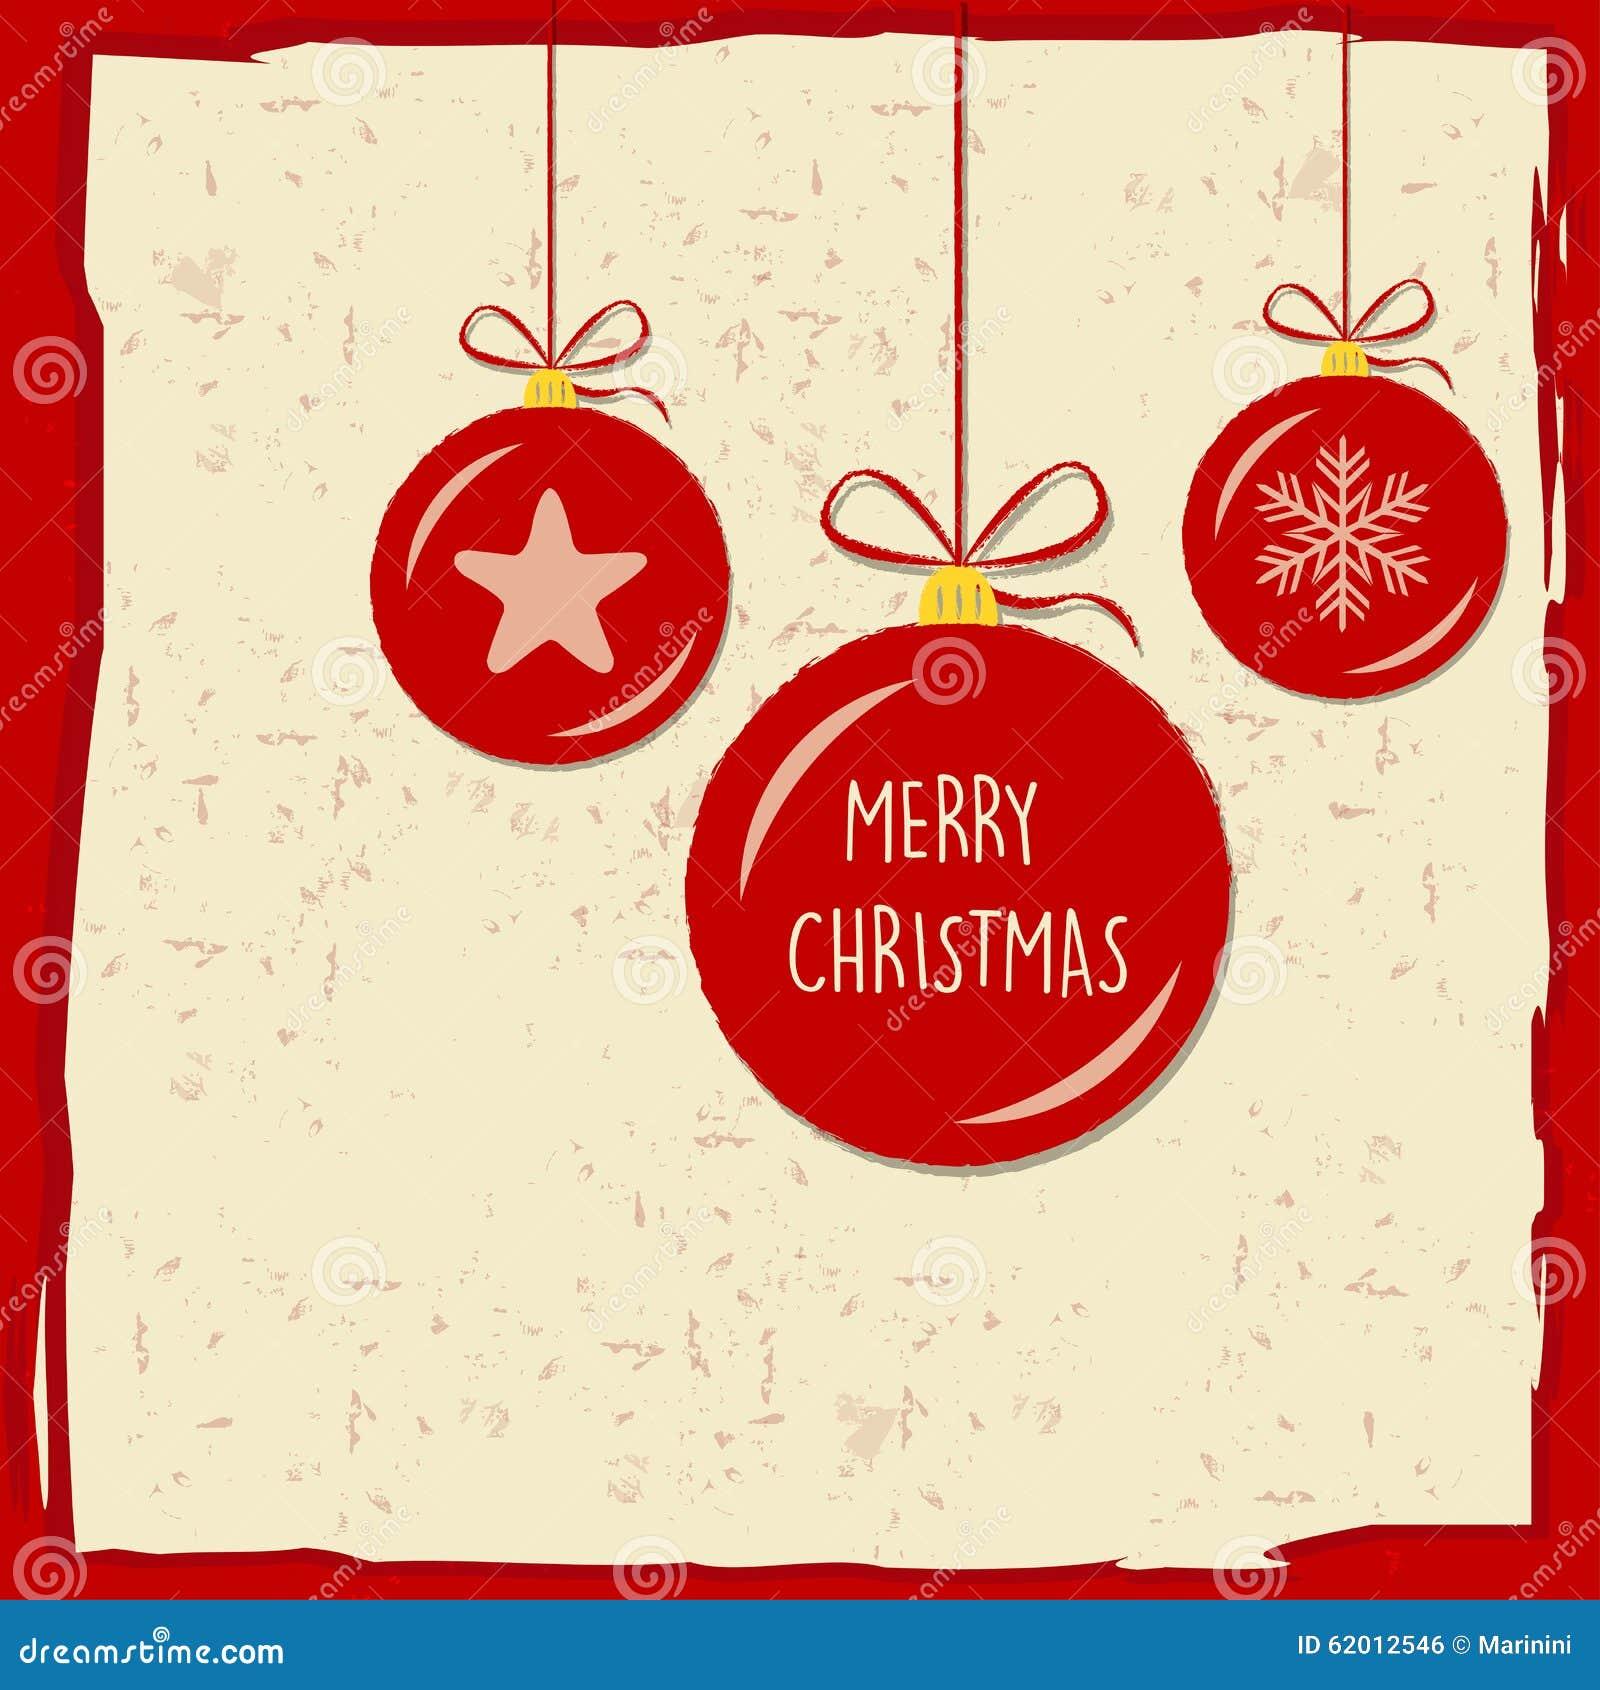 Frohe Weihnachten Rahmen.Frohe Weihnachten In Den Weihnachtsbällen Im Roten Rahmen Grußkarte